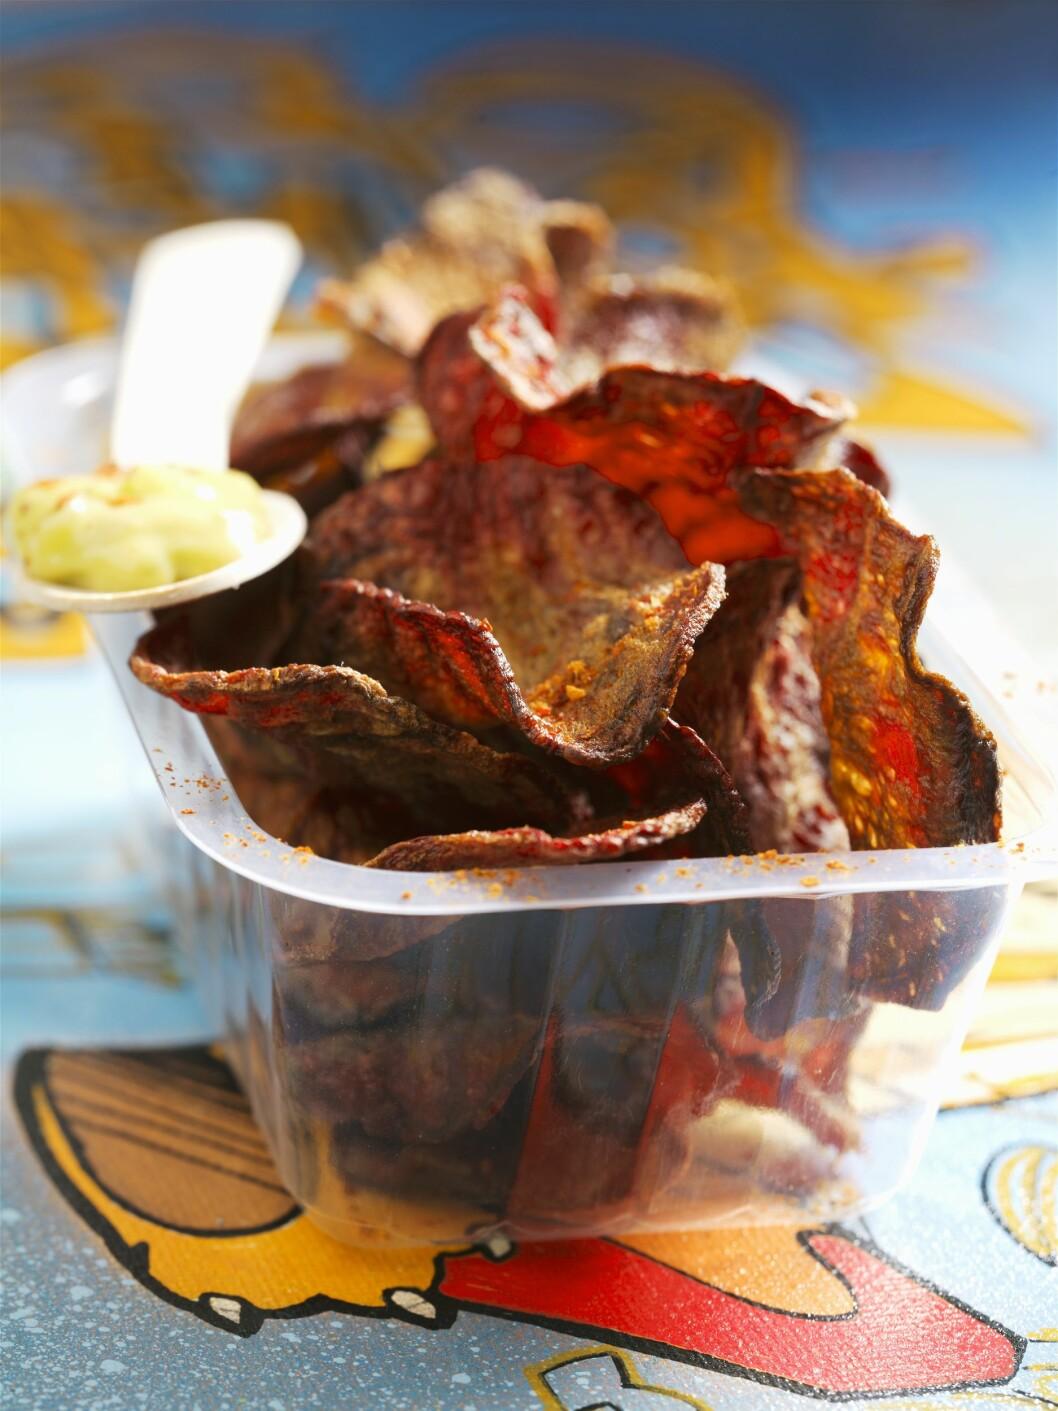 GRØNNSAKSCHIPS: Det er blitt svært populært å lage chips, spesielt av rotgrønnsaker. Her er det bare å prøve seg fram, og krydre med ditt favorittkrydder.  Foto: Scanpix